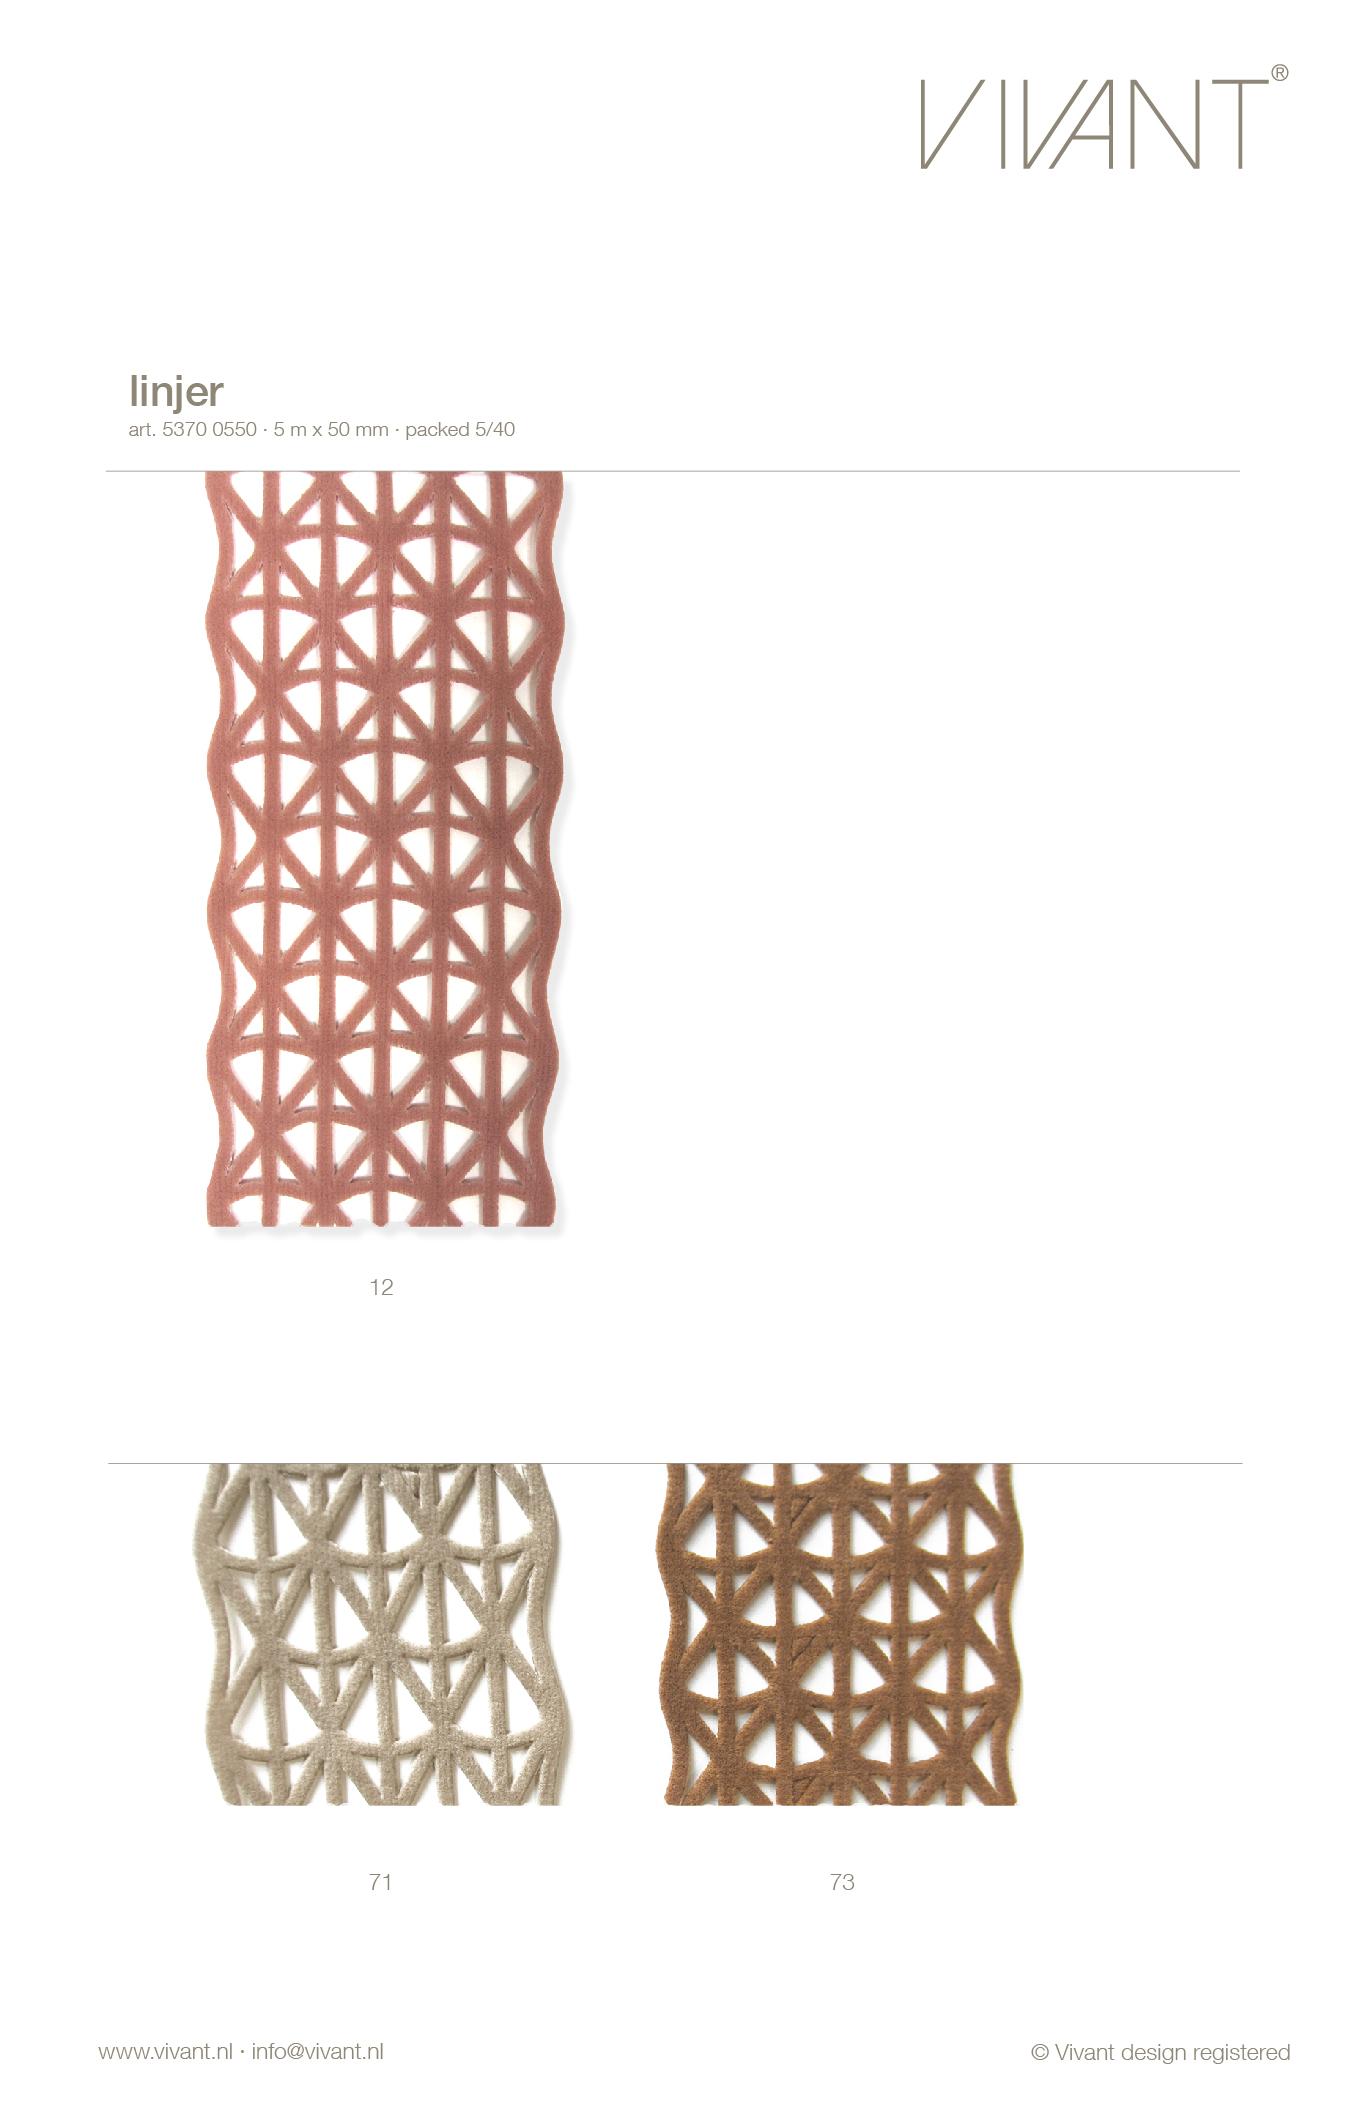 oud roze mesh lint Linjer uitgestanst uit velvet stof. Een trendy mesh met grafisch patroon uit de lintencollectie van Vivant.